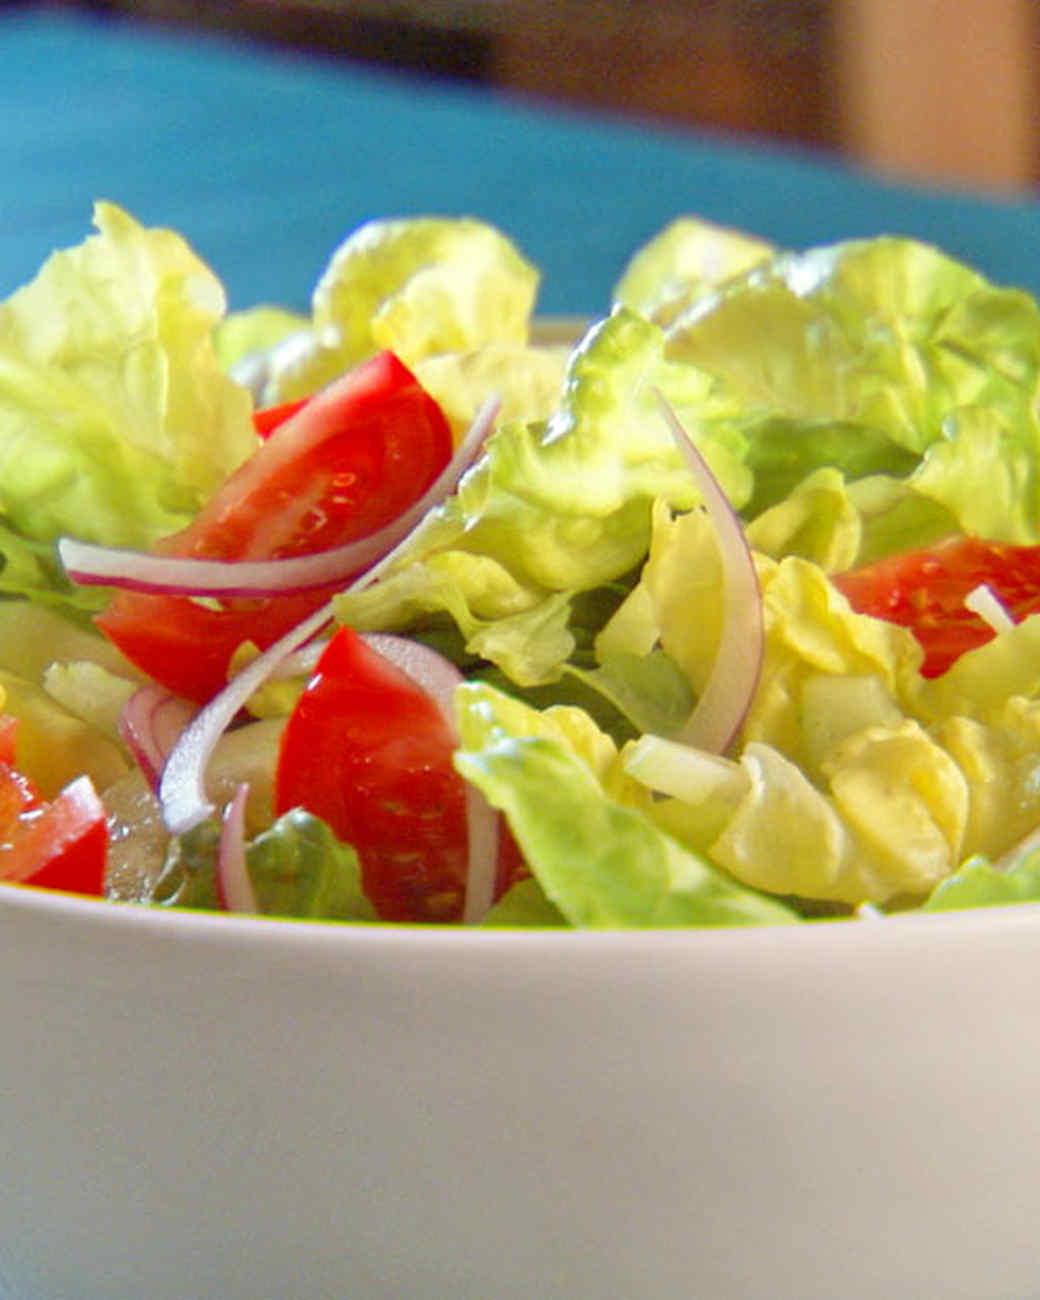 mh_1016_salad_mustard_vinaigrette.jpg